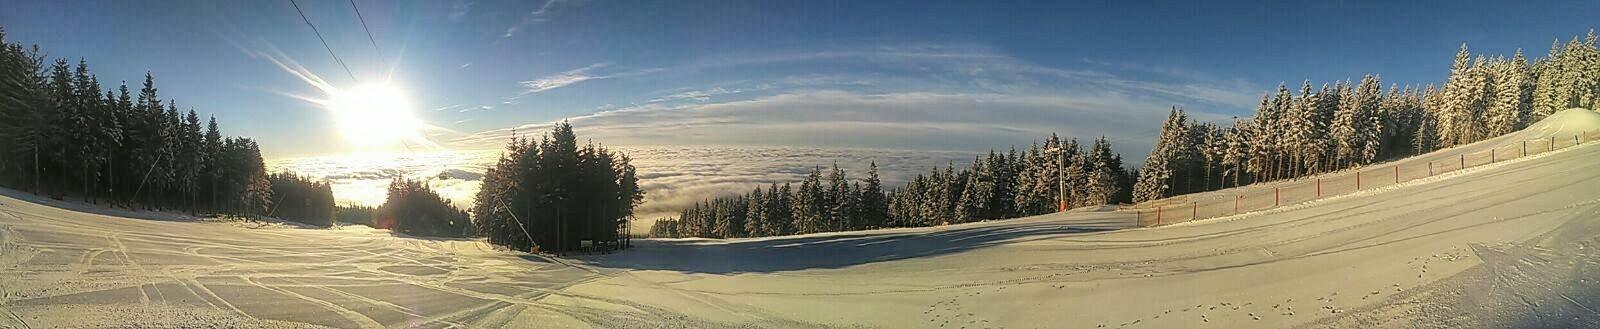 Černá hora - Janské Lázně - panoramatic view - ©facebook SkiResort